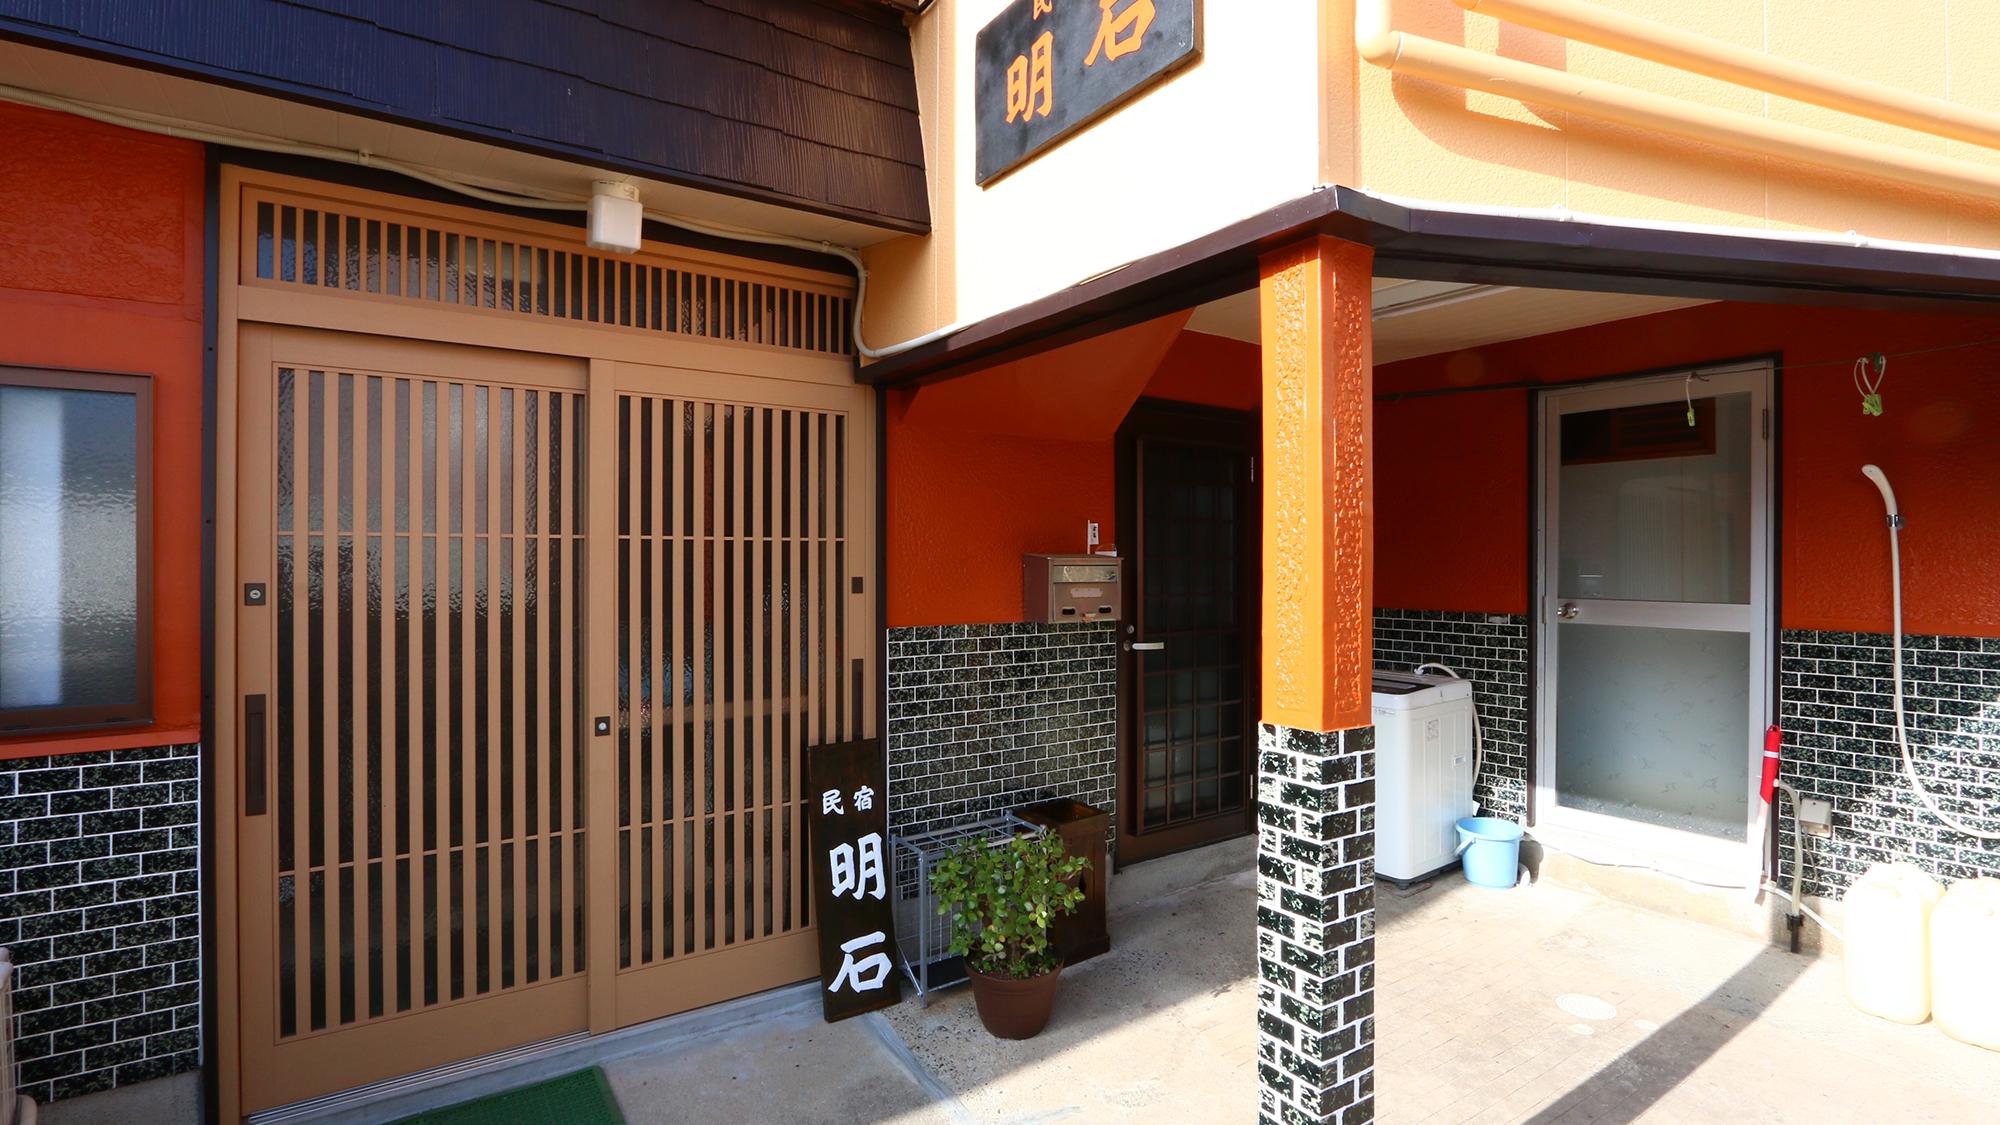 日間賀島 民宿 明石の詳細